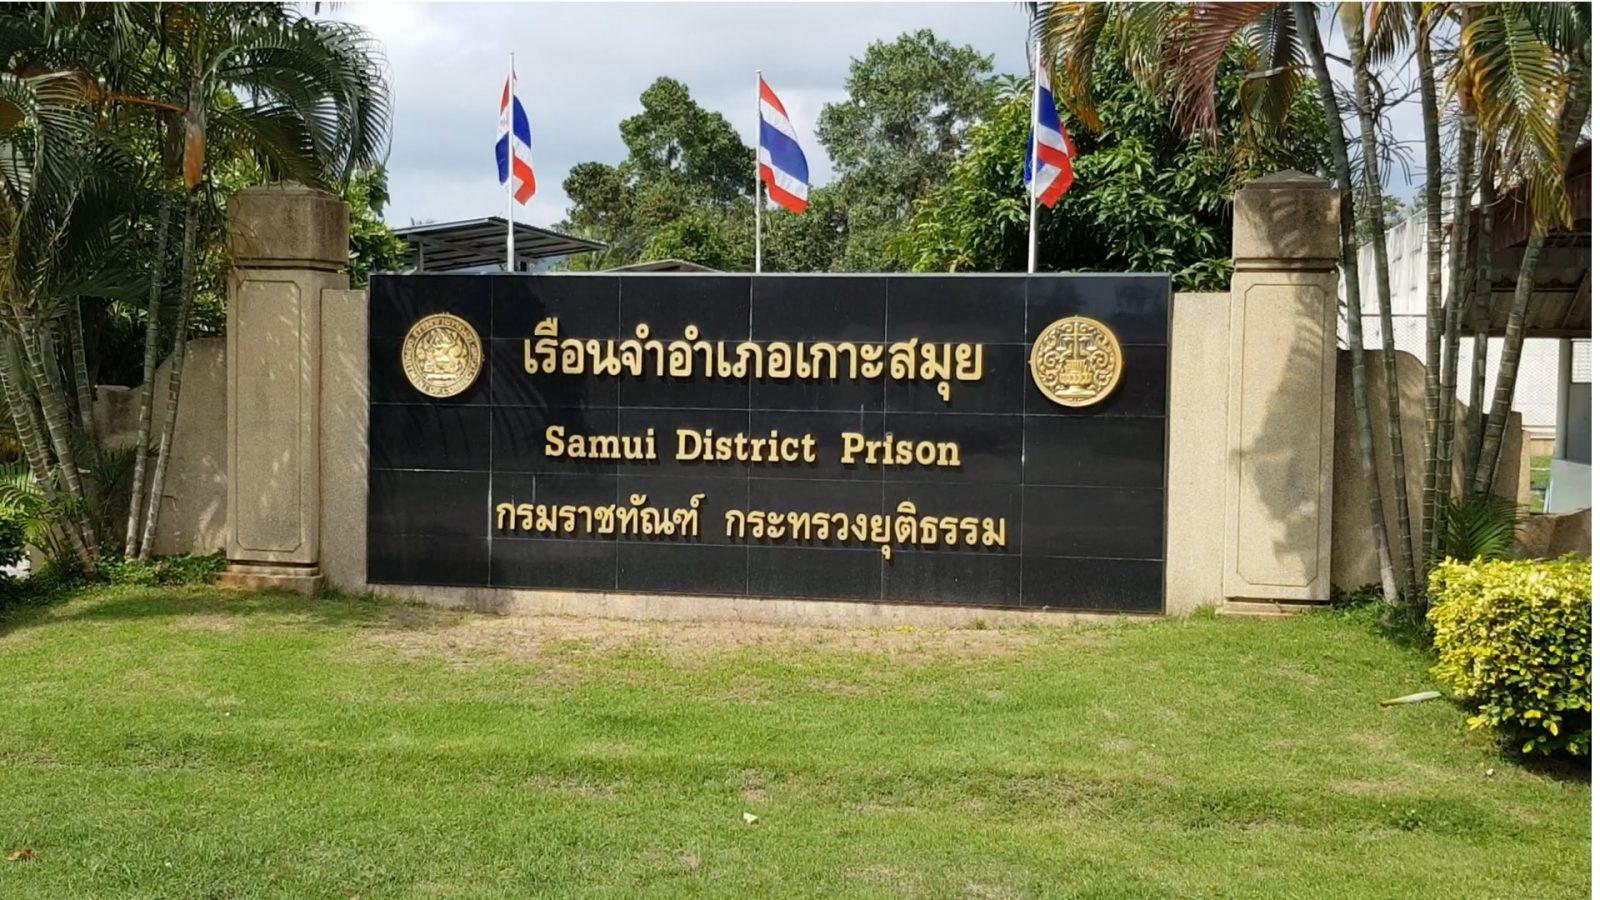 הכלא בקוסמוי